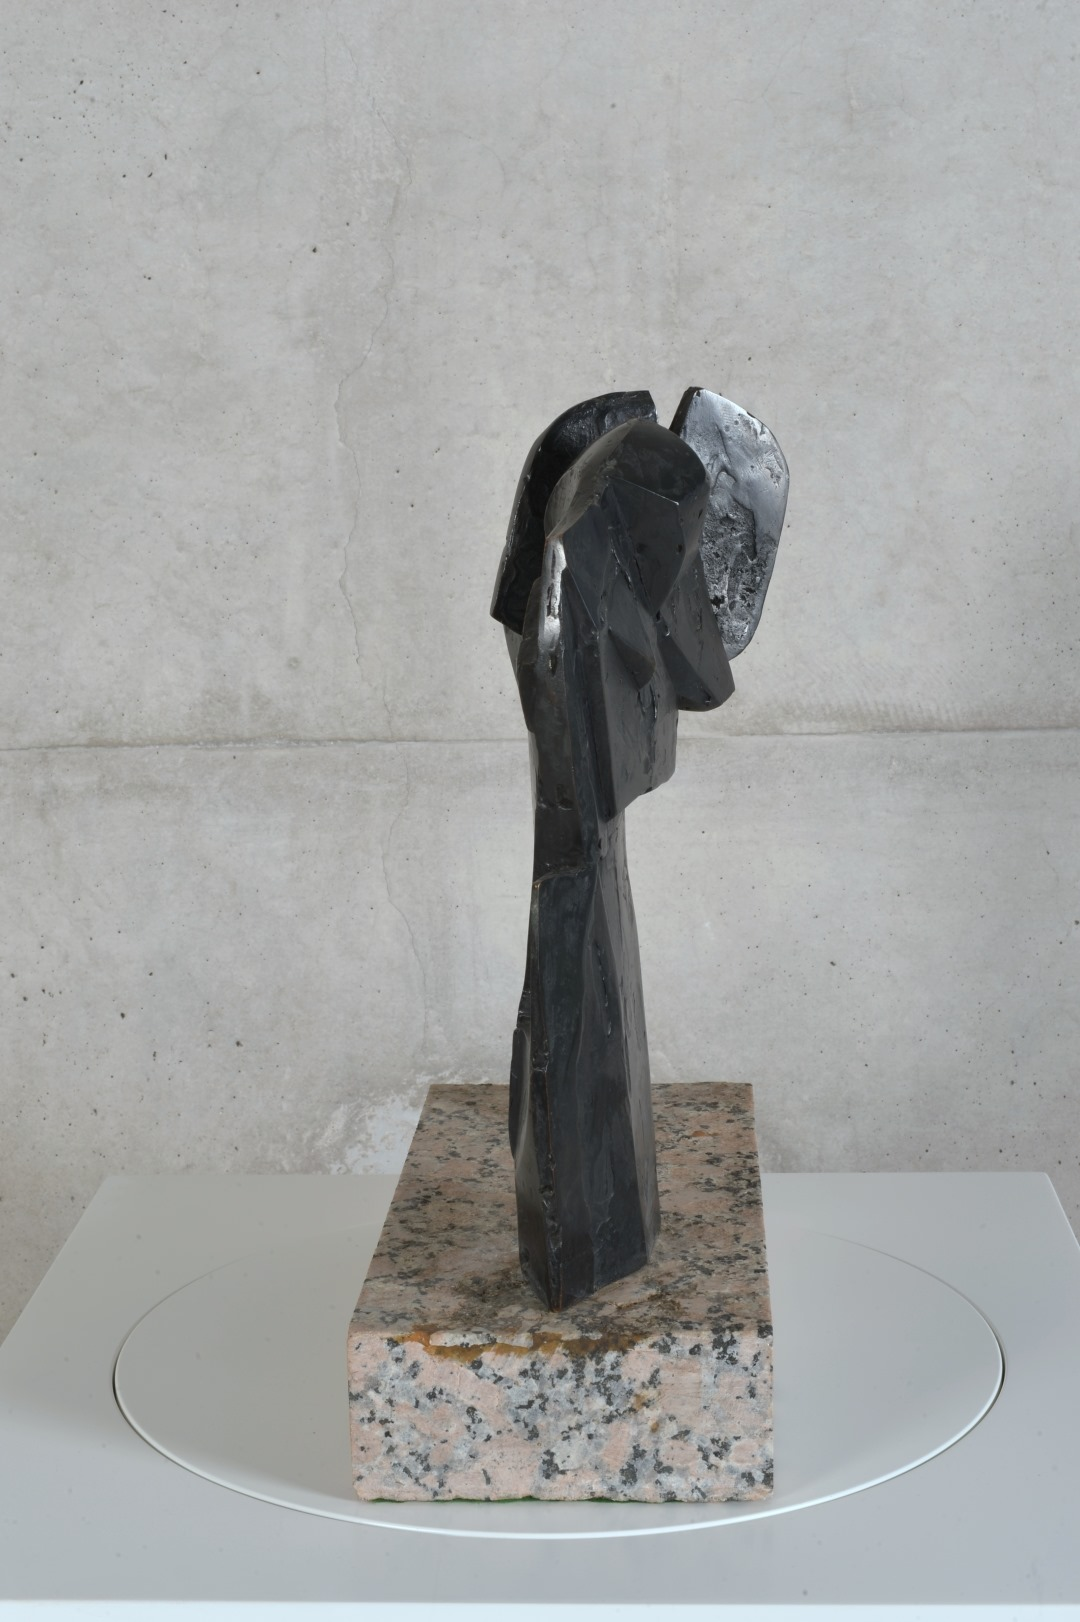 Alexander's Trophy II